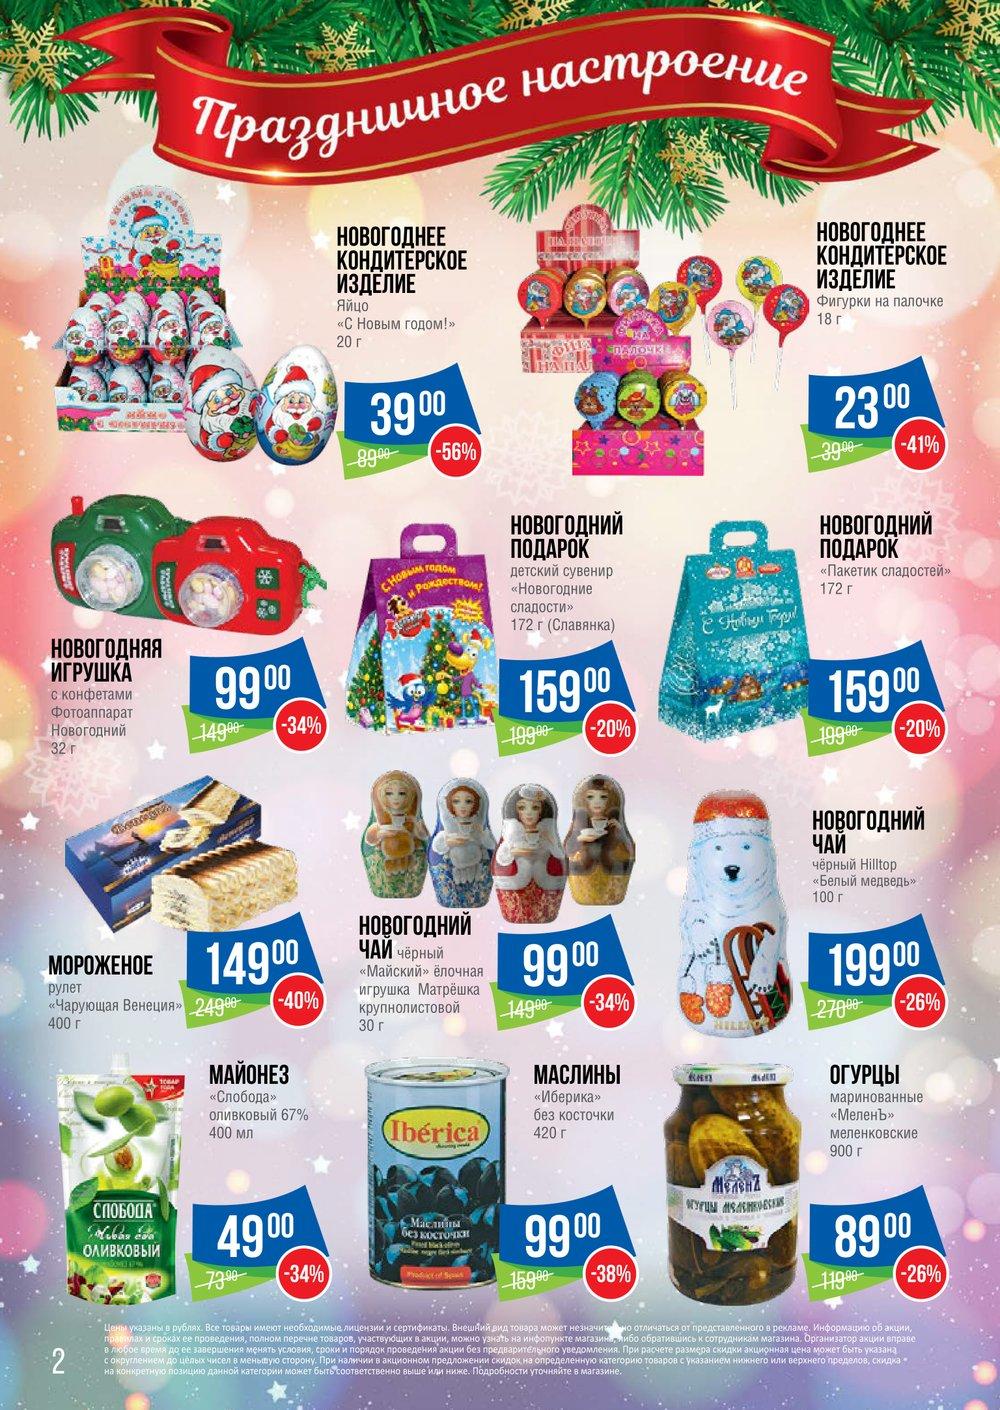 Каталог акций 7я семья с 22 ноября по 5 декабря 2017 - стр. 2